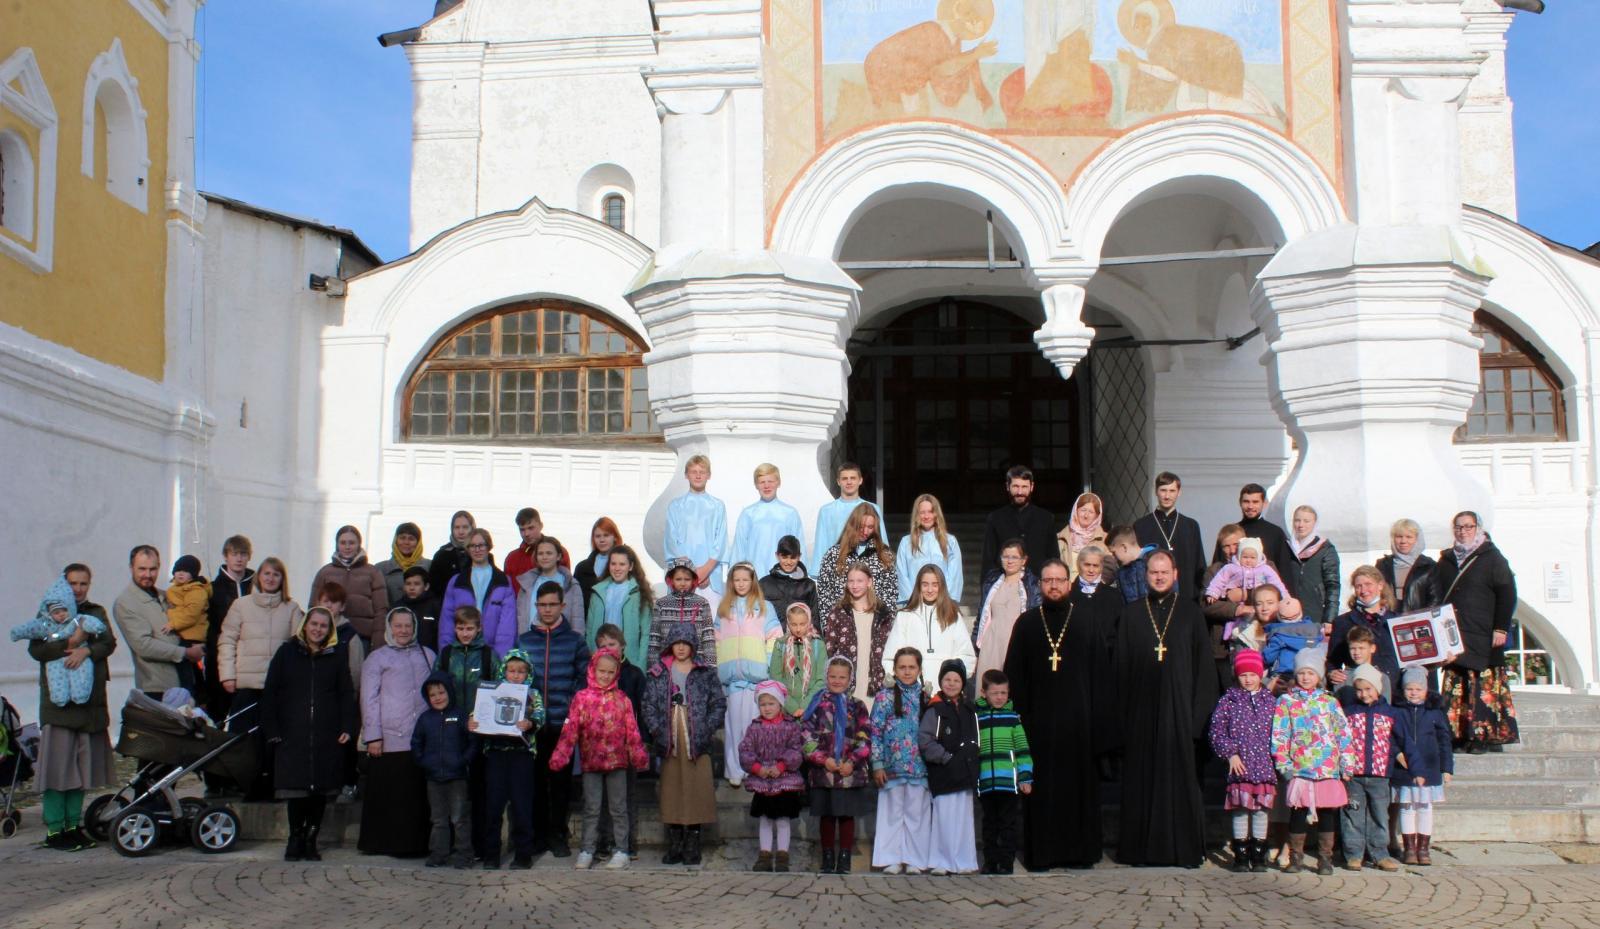 В день памяти святых благоверных князей Петра и Февронии Муромских в Спасо-Прилуцком монастыре прошел праздничный концерт